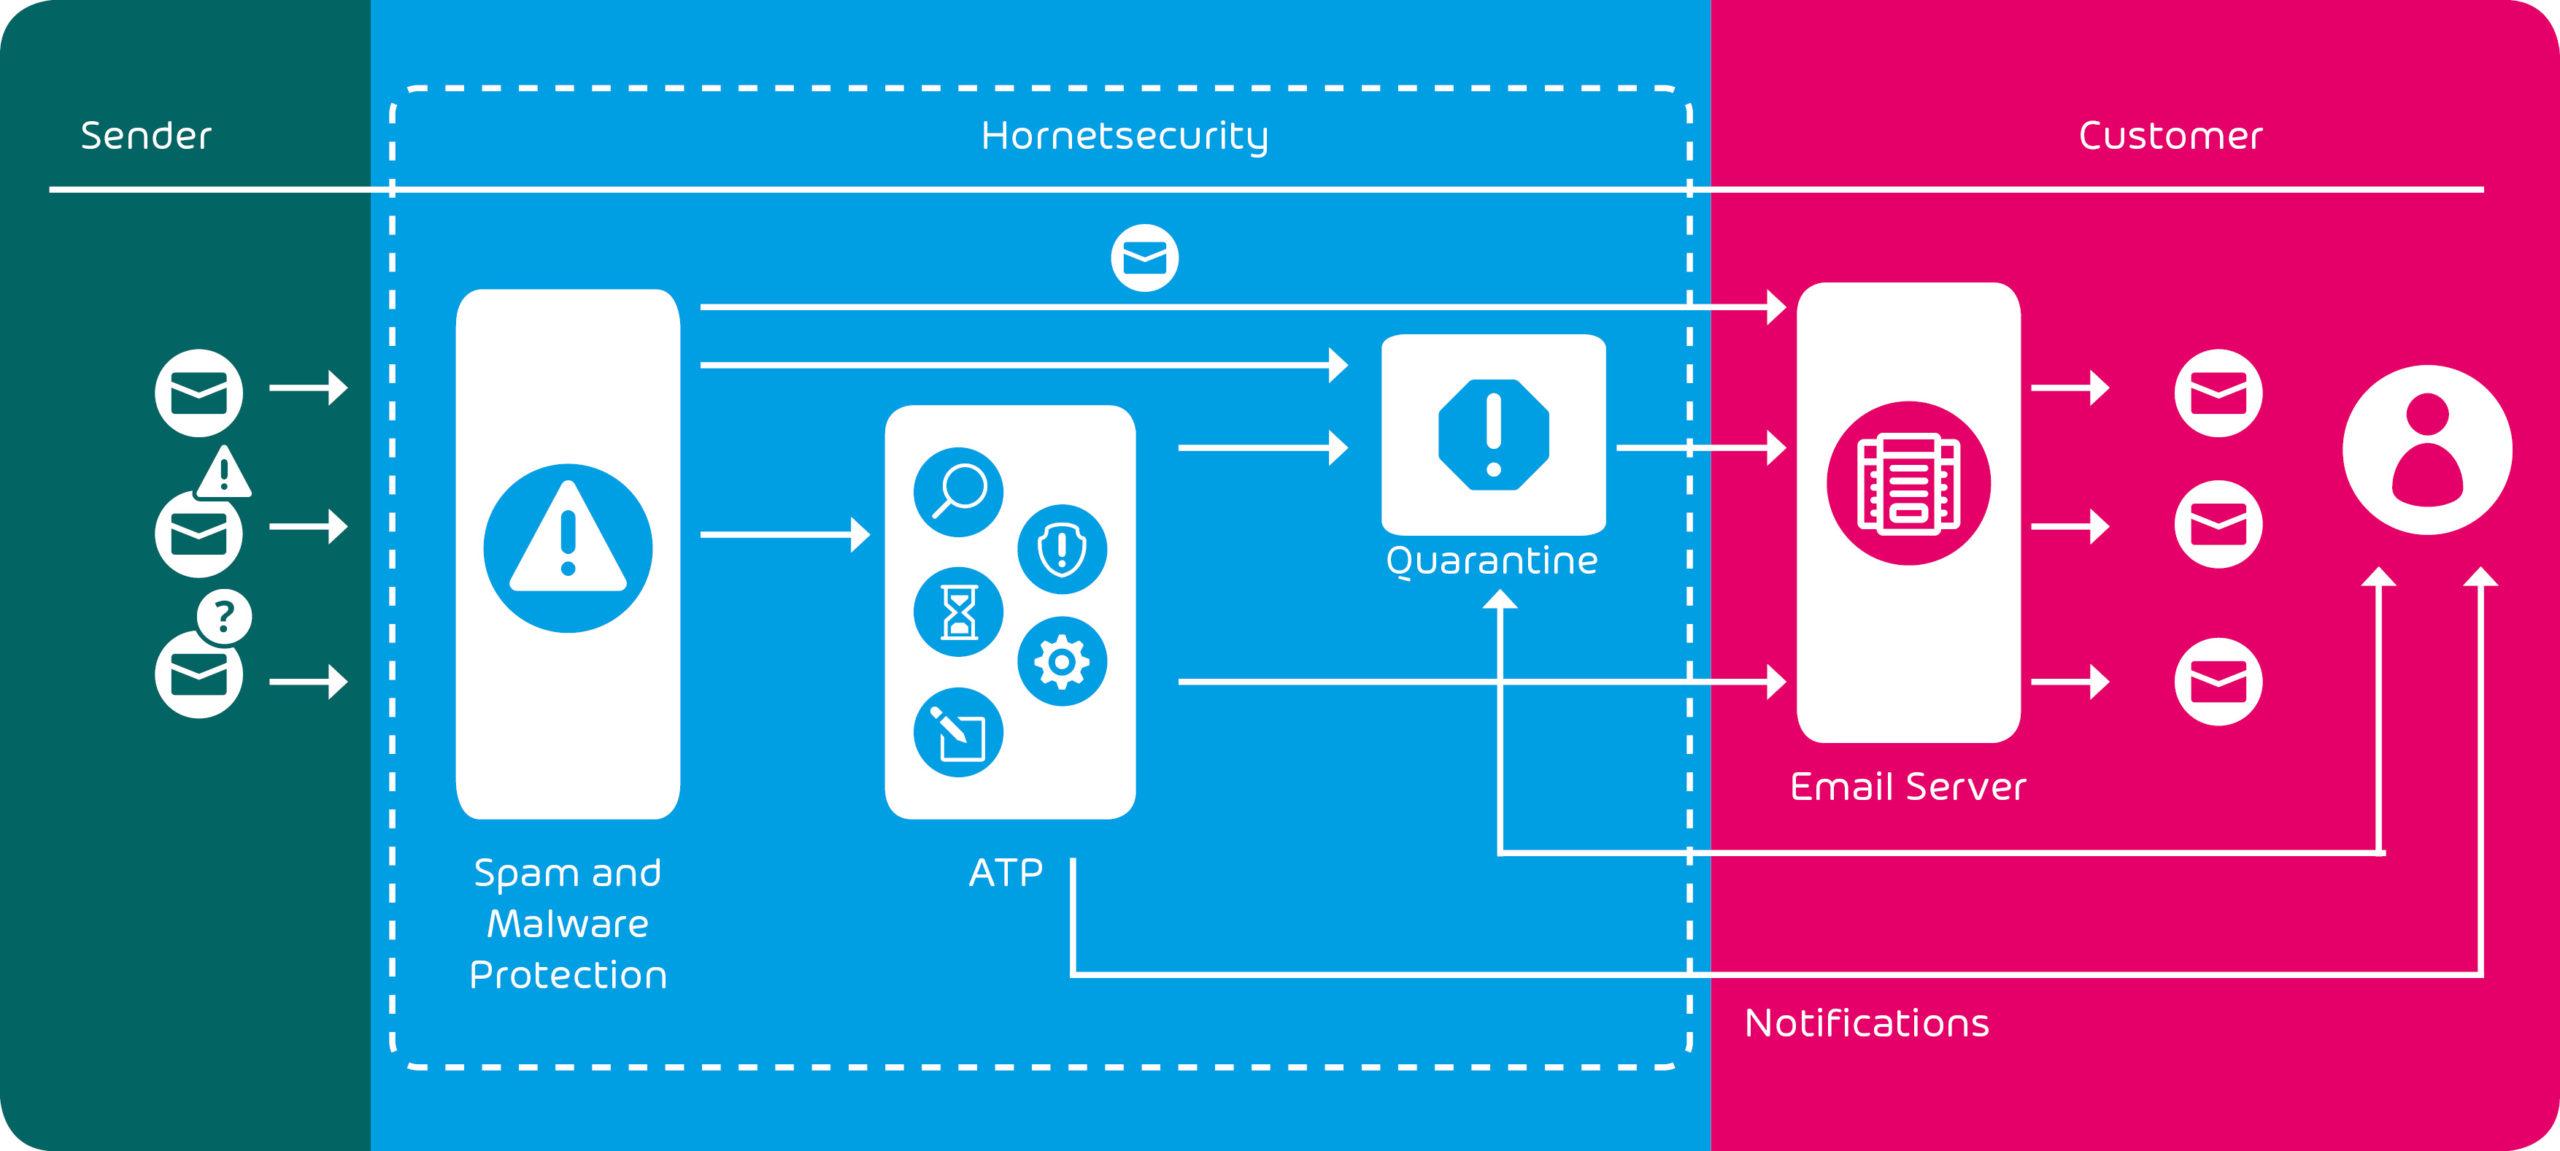 Grafik zur Integration von Advanced Threat Protection im E-Mail Management System